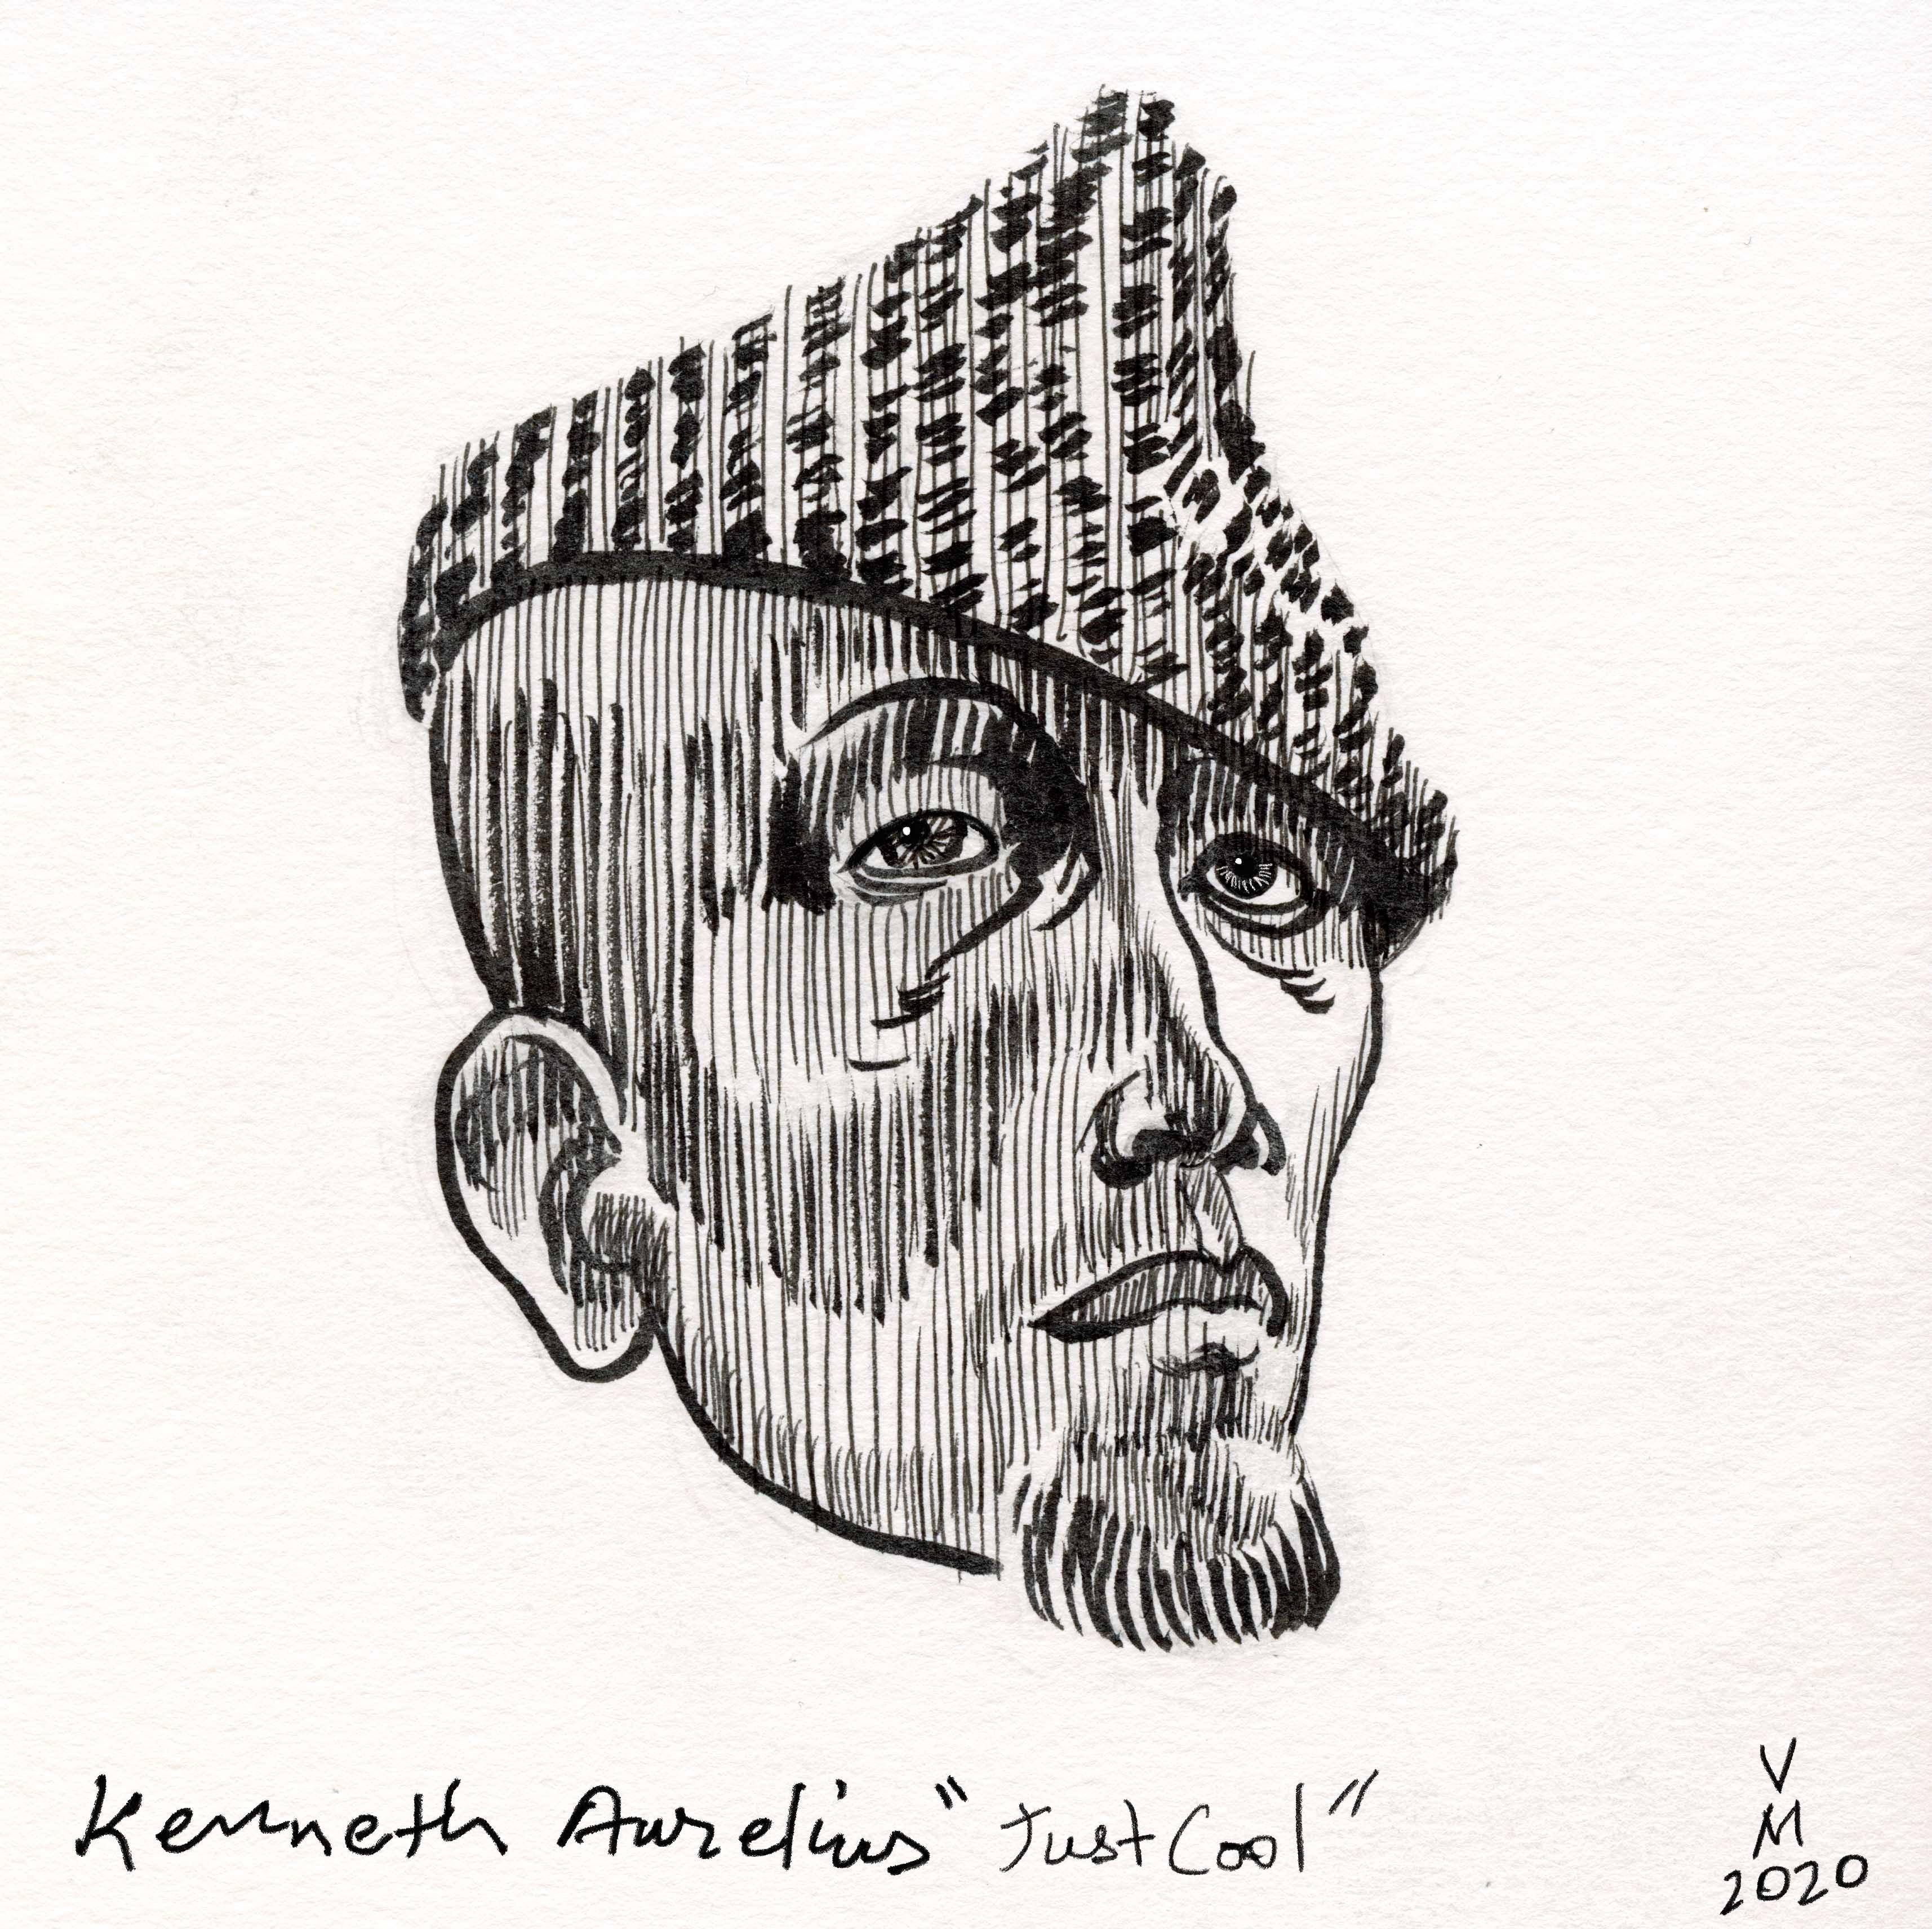 Kenneth Aurelius MUSICAL ARTIST